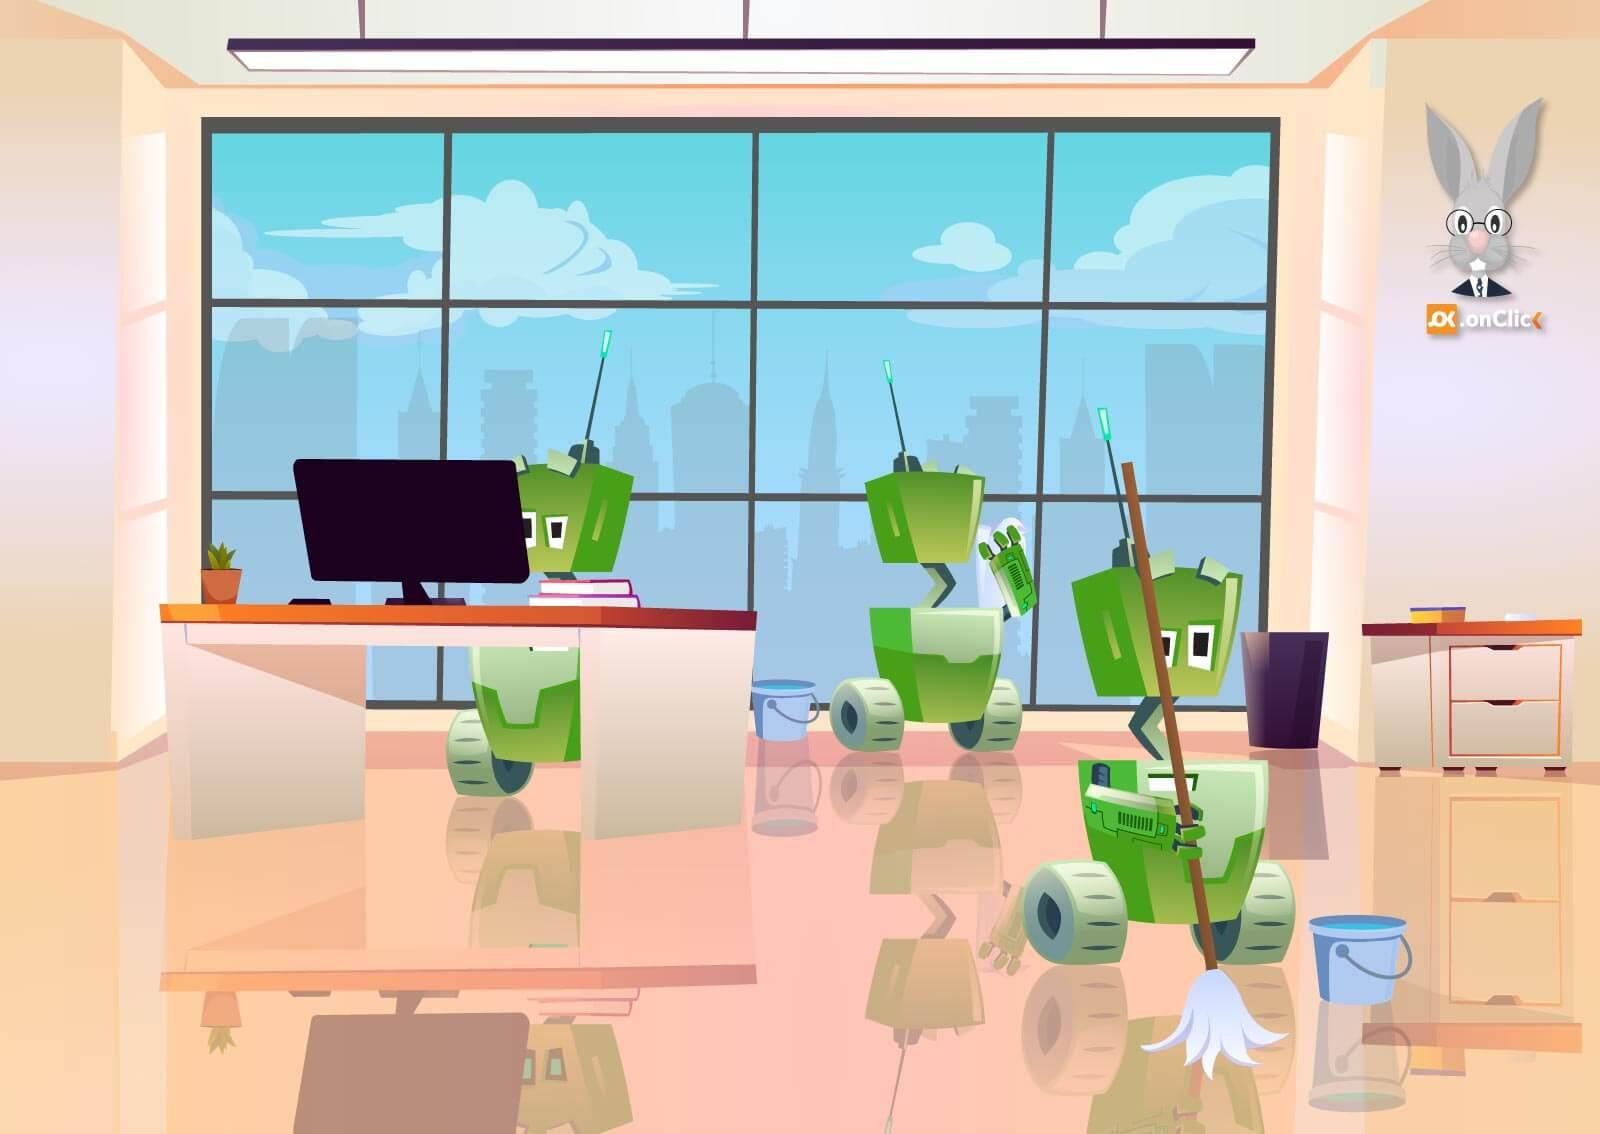 Ilustracija robota koji čiste, brišu prozore i upravljaju kompjuterom u Web servisu naKlik